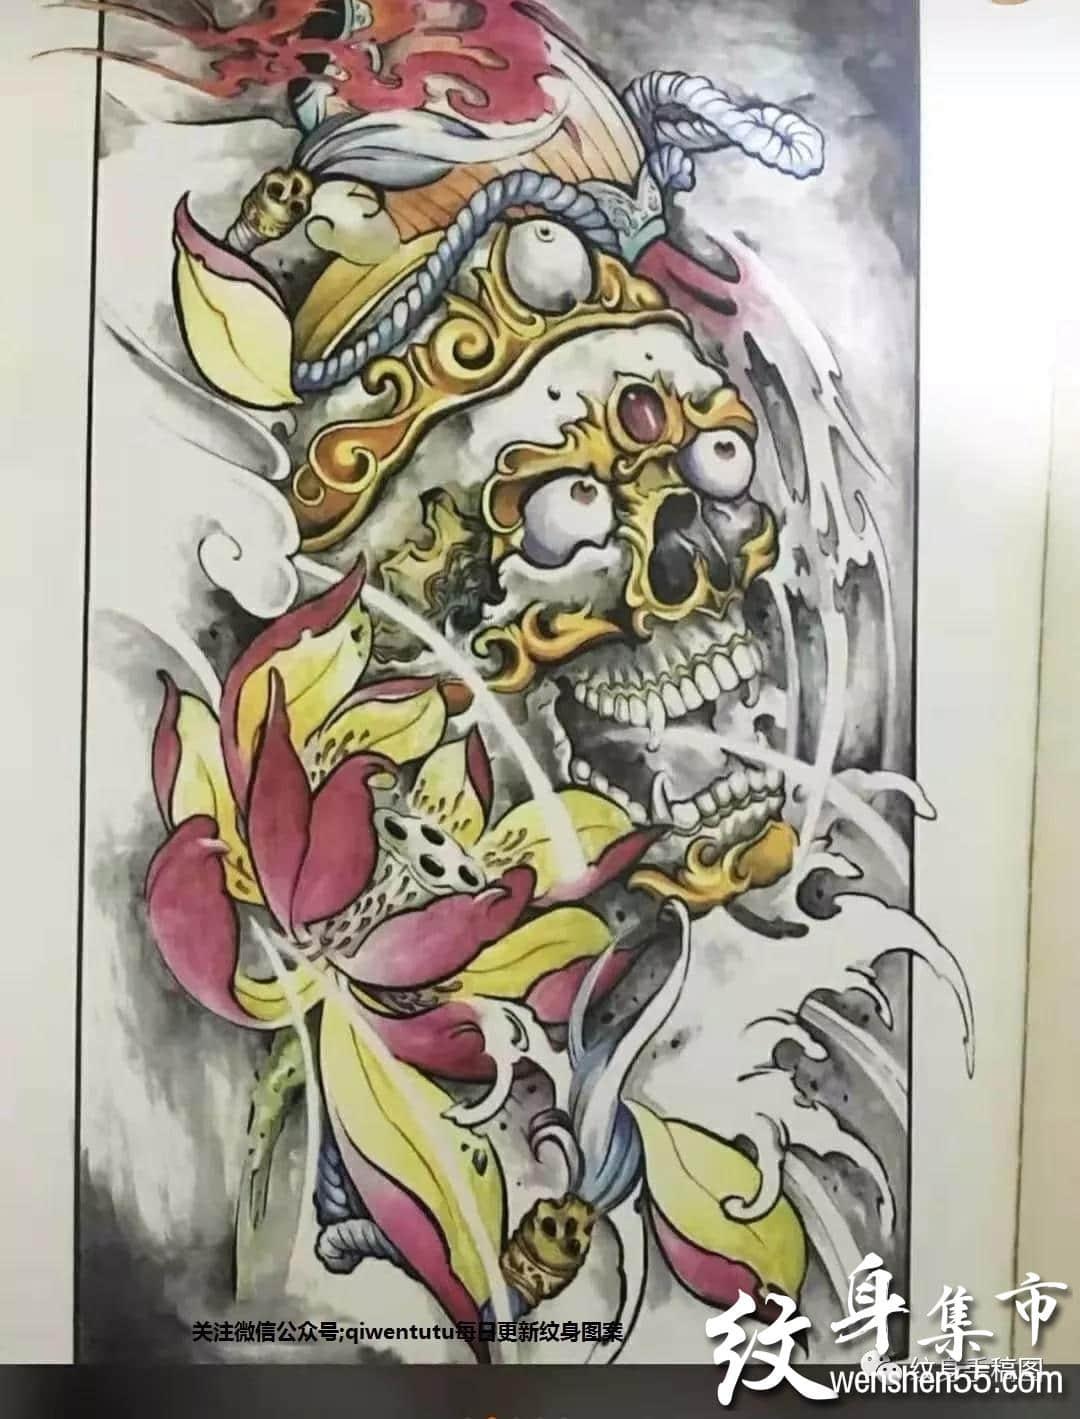 嘎巴拉纹身,嘎巴拉纹身手稿,嘎巴拉纹身手稿图案大全